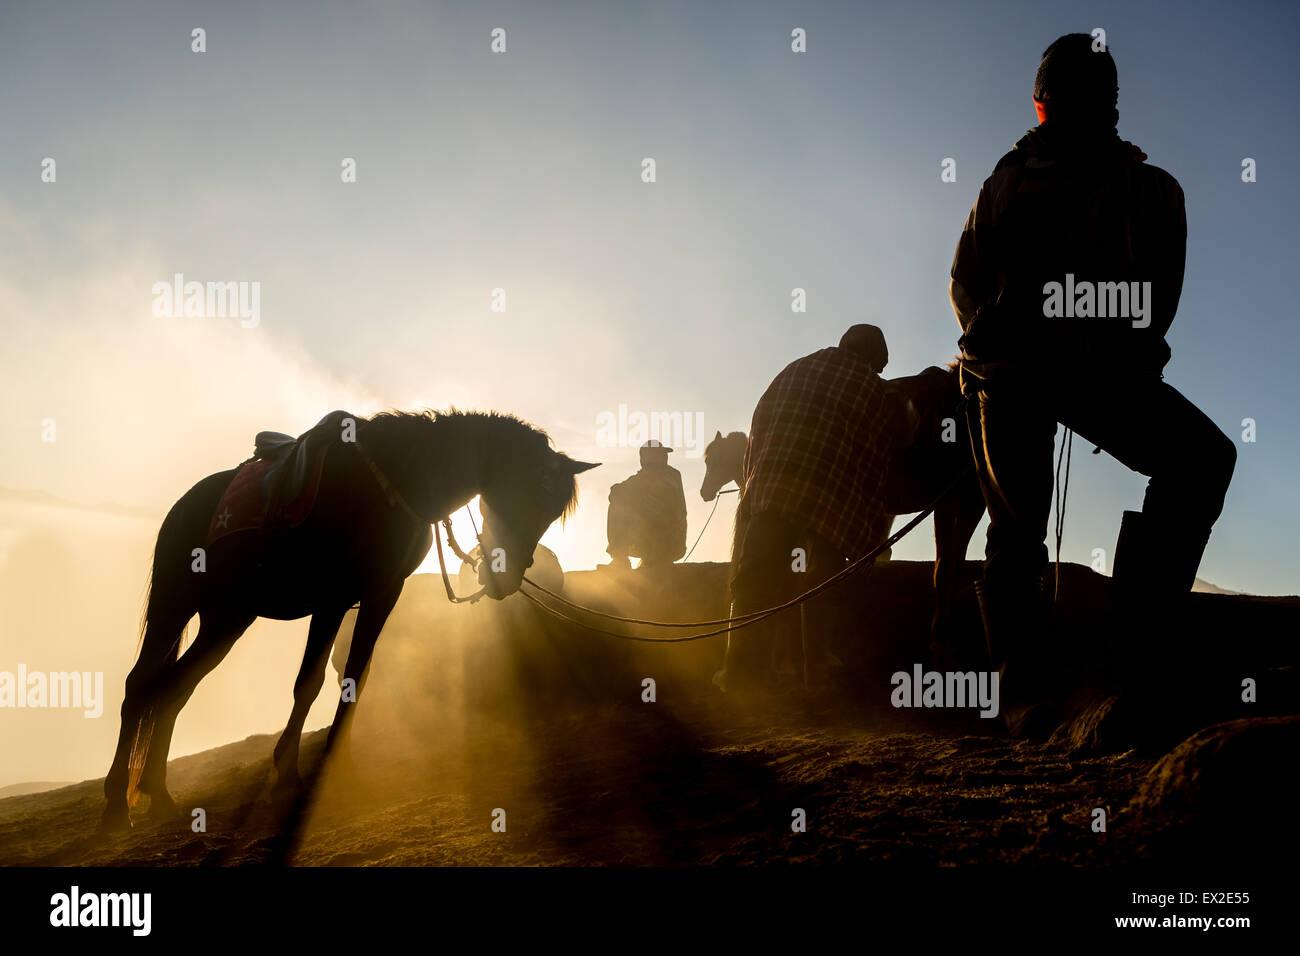 Las siluetas de los hombres y de los caballos en la cima de la colina con atmósfera brumosa Imagen De Stock